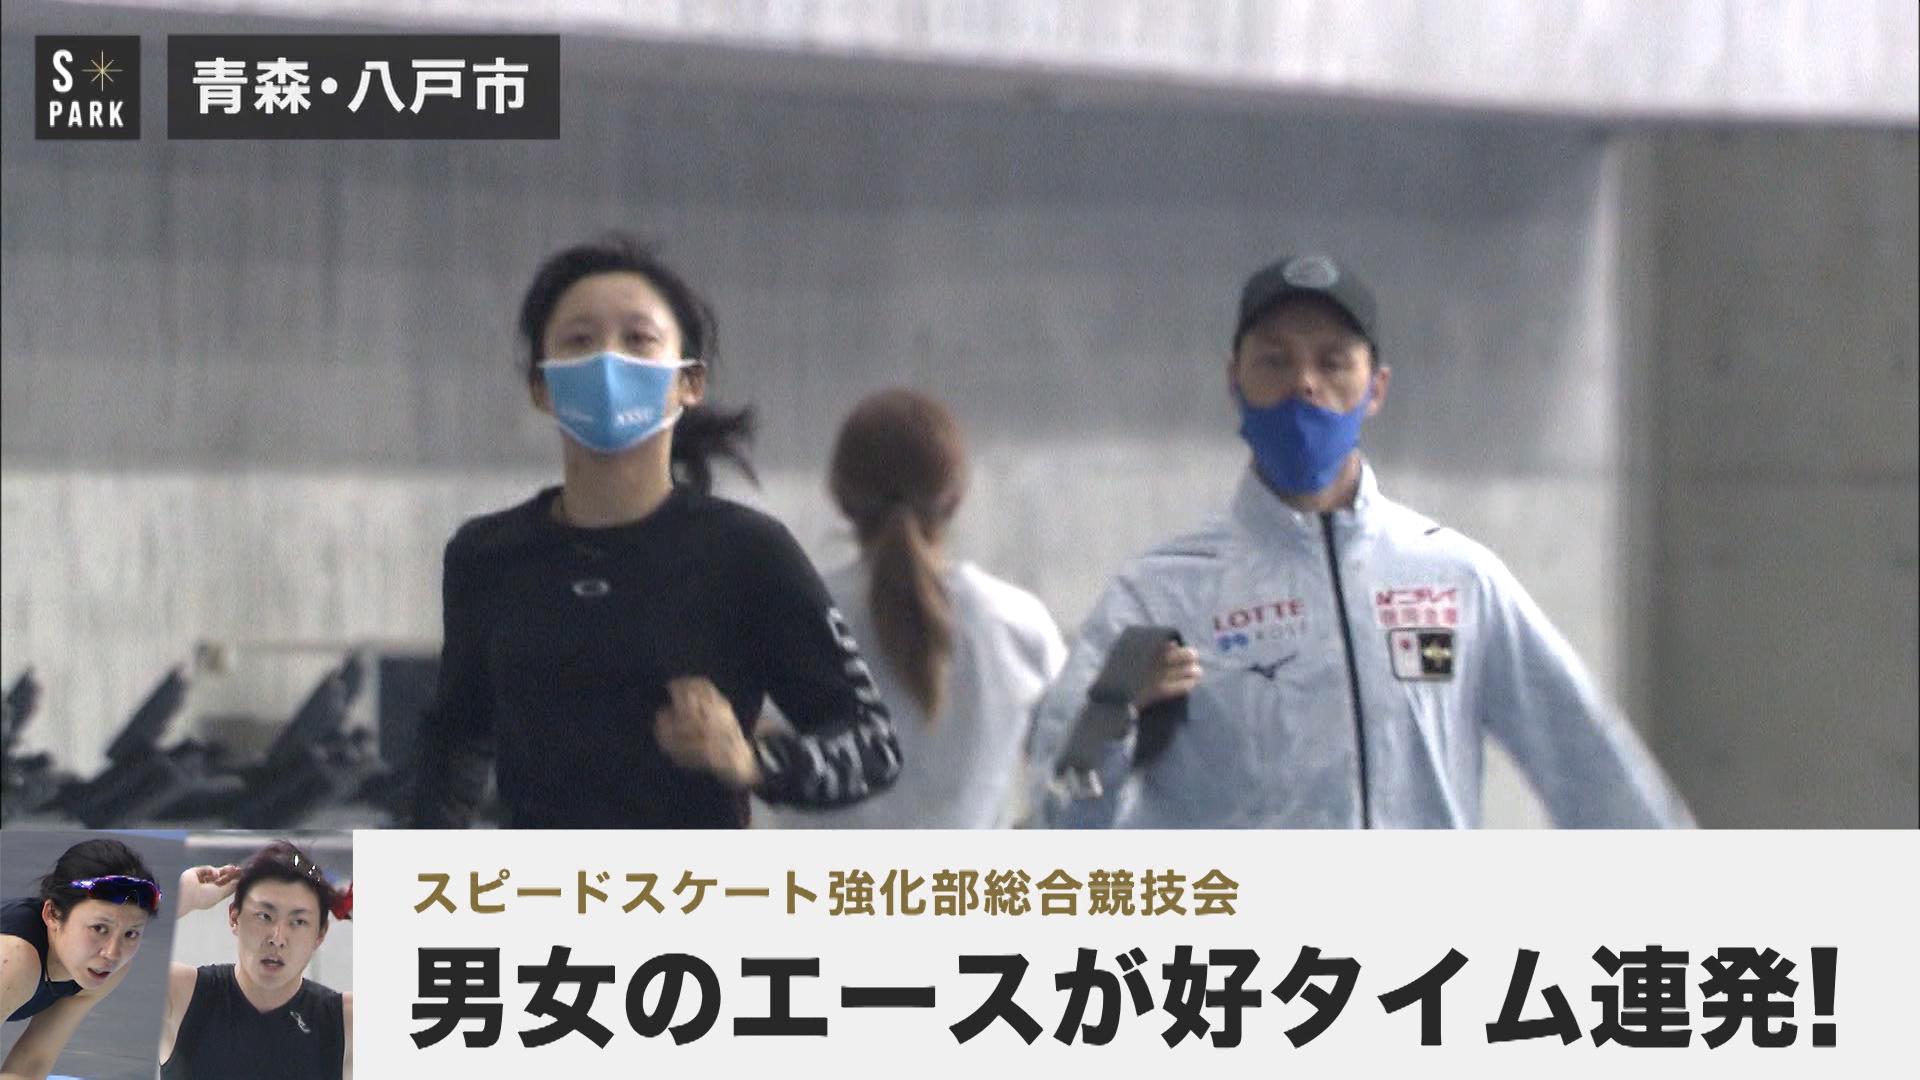 【フジテレビS-PARK】髙木美帆&新濱立也 スピードスケート強化部総合競技会